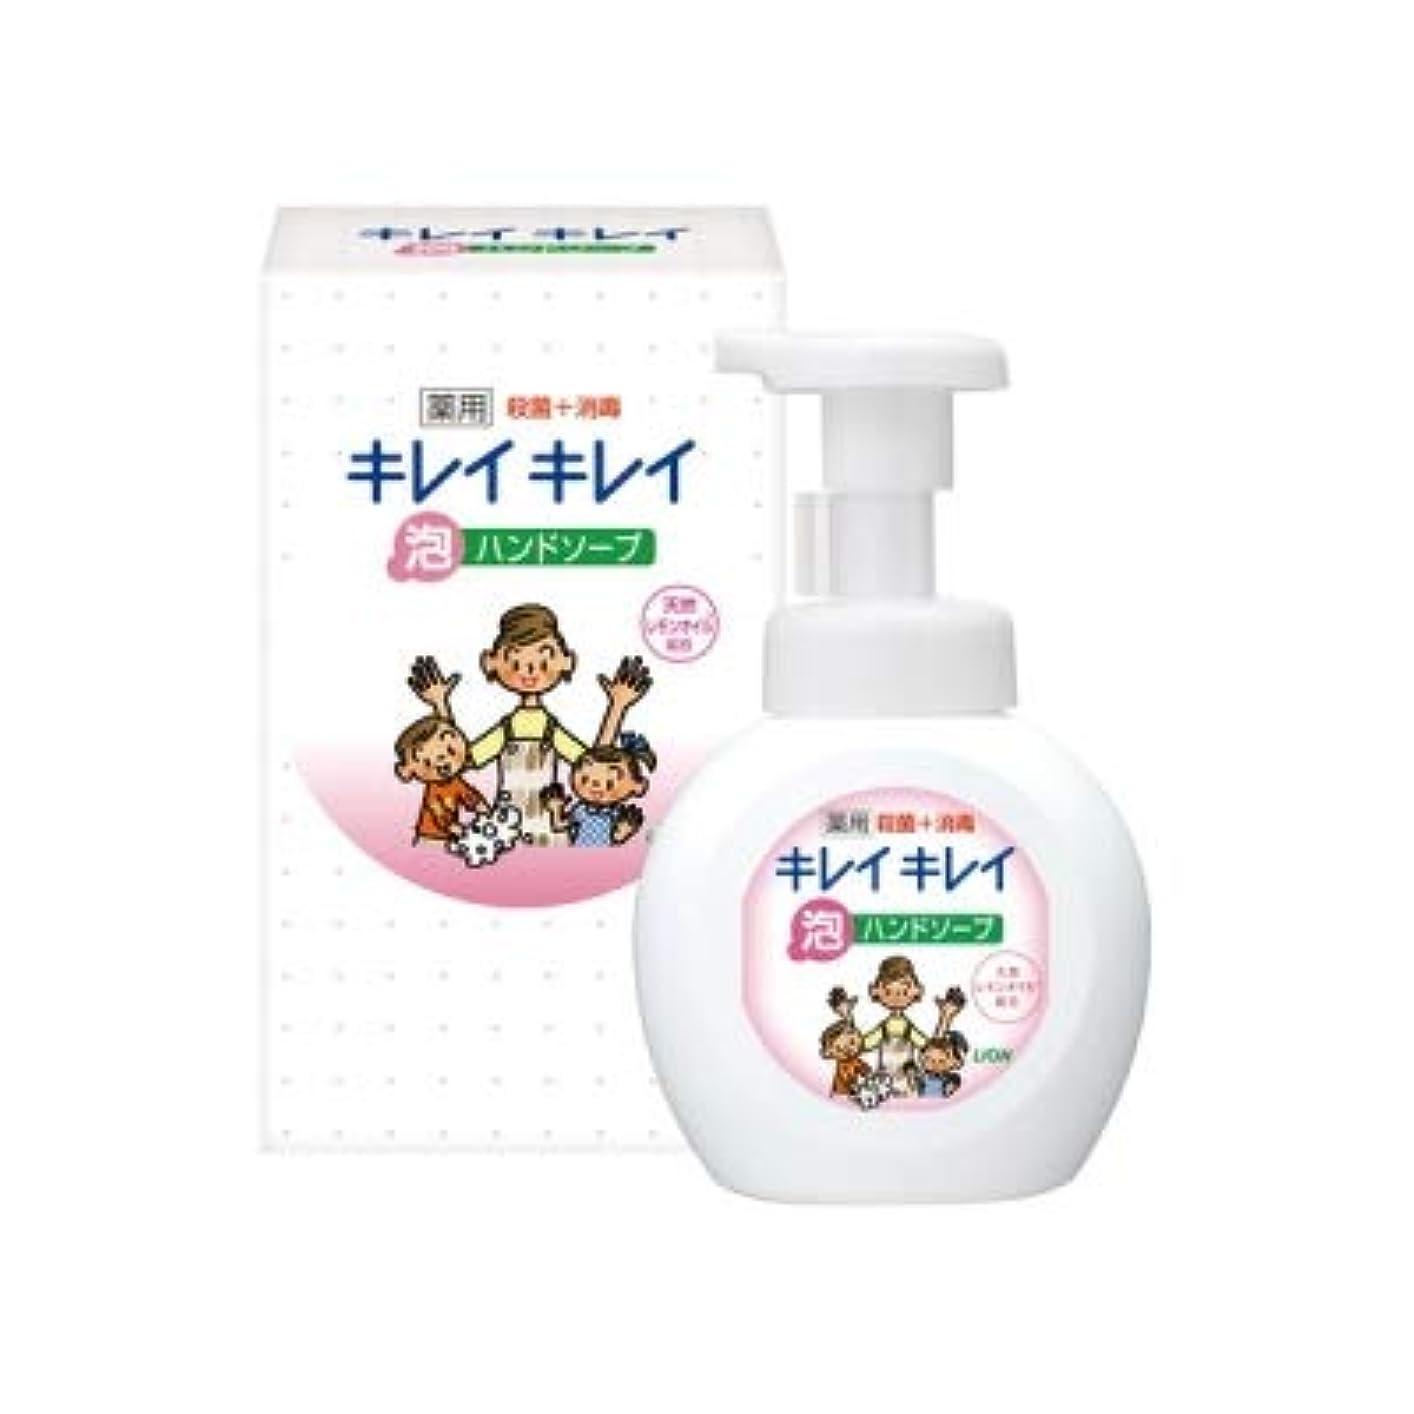 クラシカル性差別お風呂を持っているライオン キレイキレイ 薬用 泡ハンドソープ 箱入 (@960円×13個)1セット